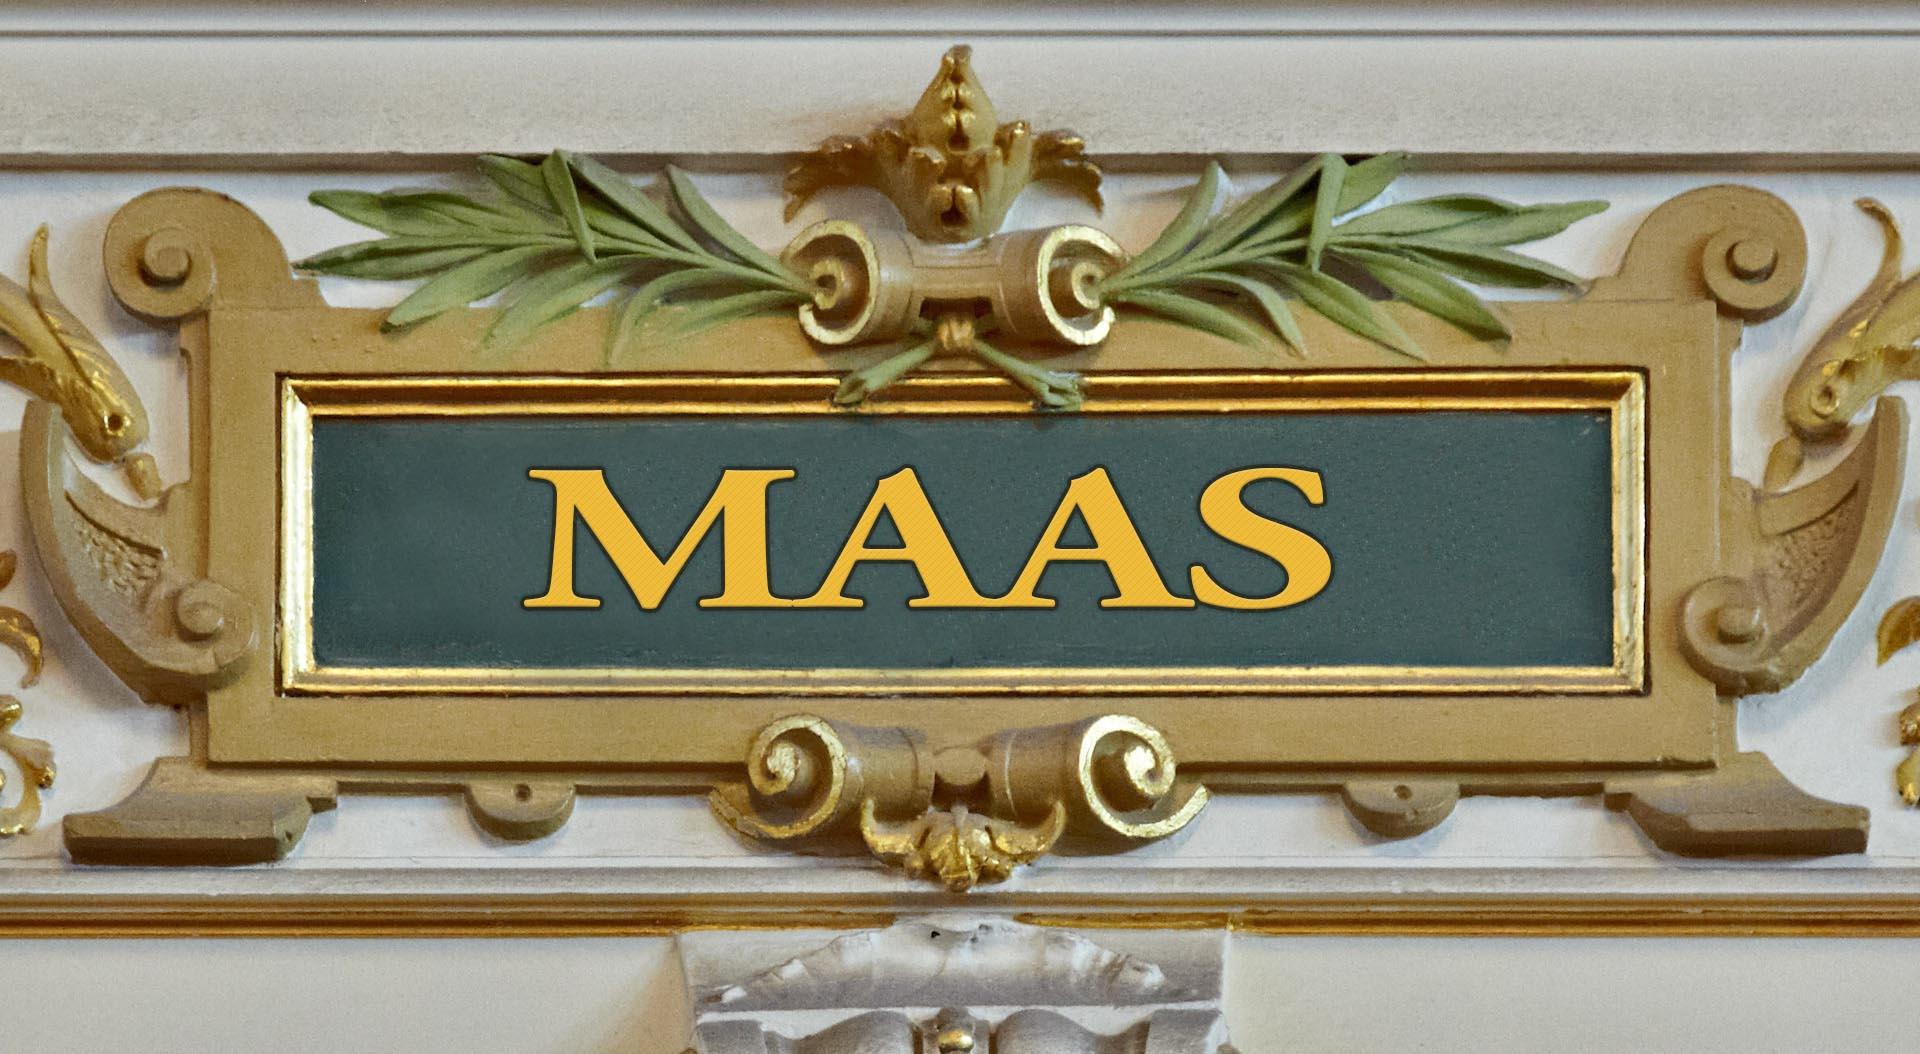 MAAS concertgebouw bandnaam